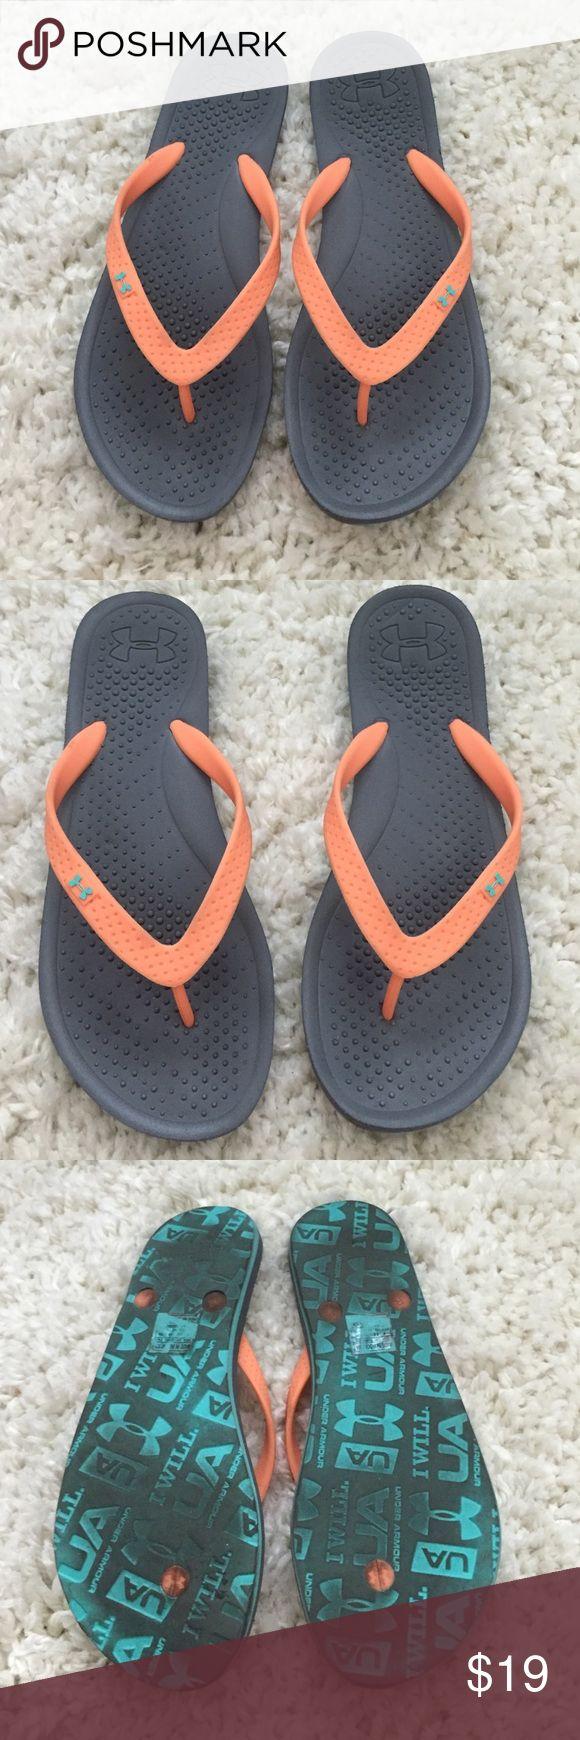 Under Armour Peach and Grey Flip Flops Under Armour peach and grey flip flops.  Only worn twice.  Cute contrast of peach and grey. Under Armour Shoes Sandals